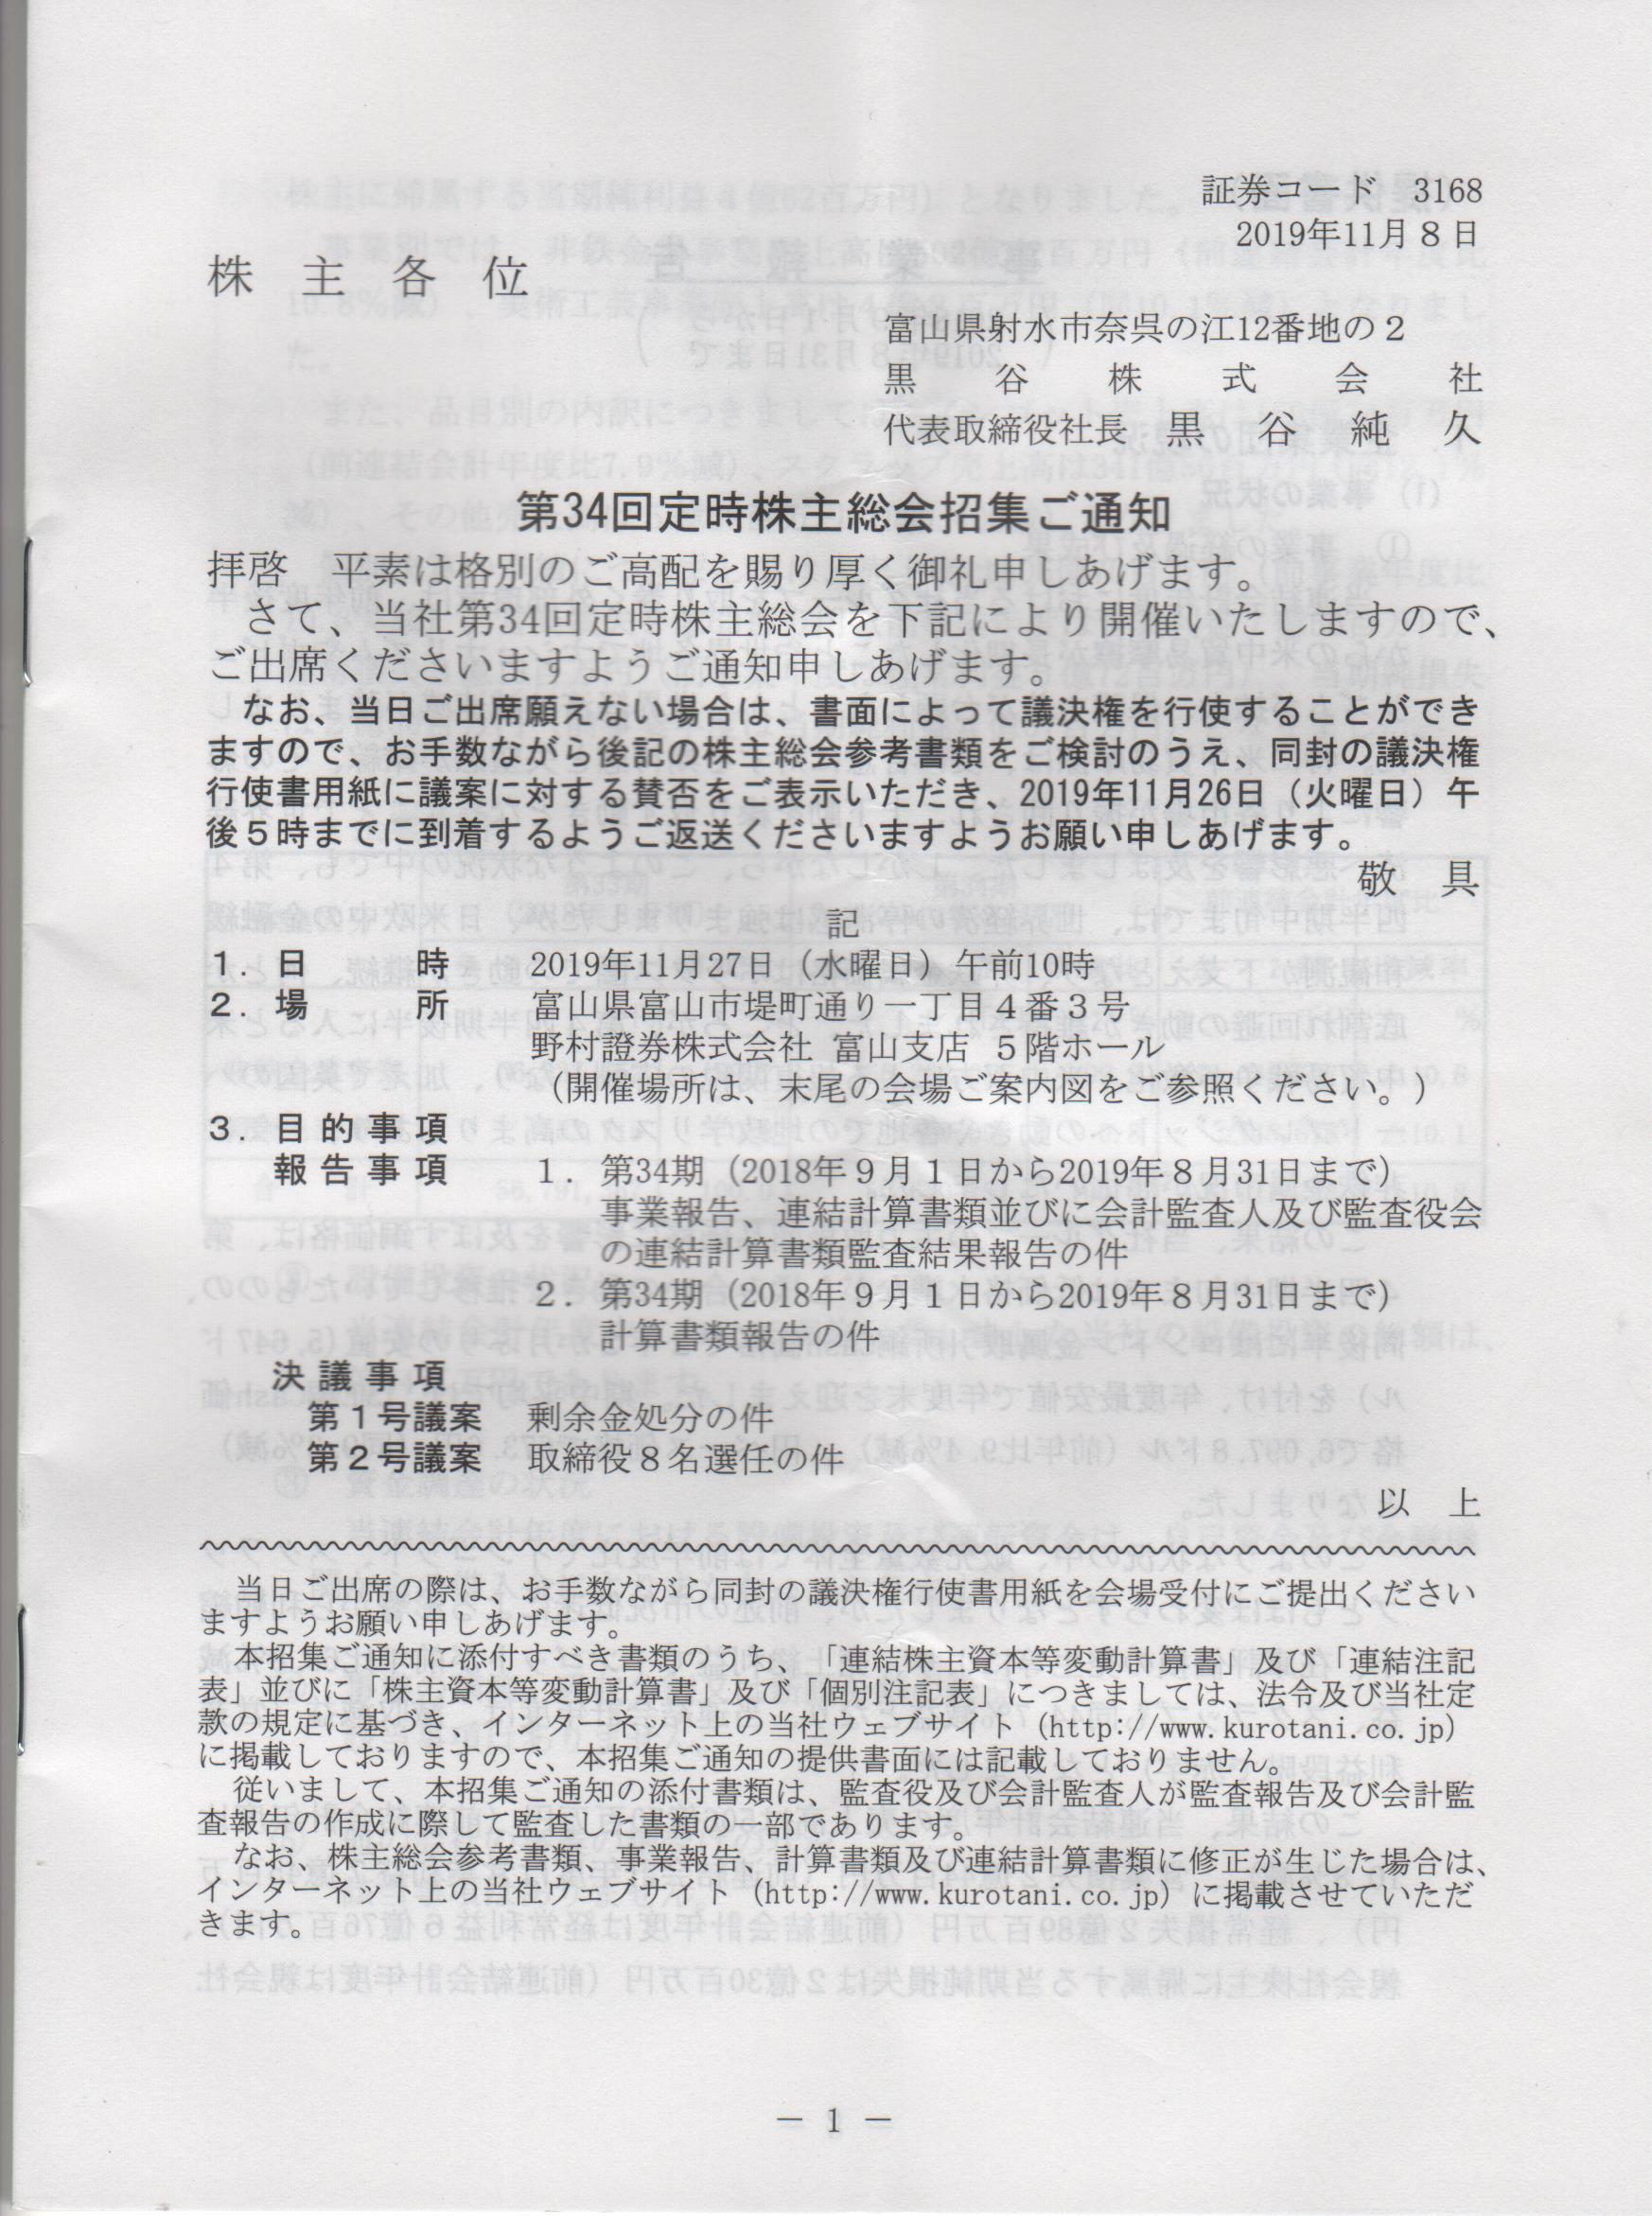 黒谷2019株主総会招集通知 001